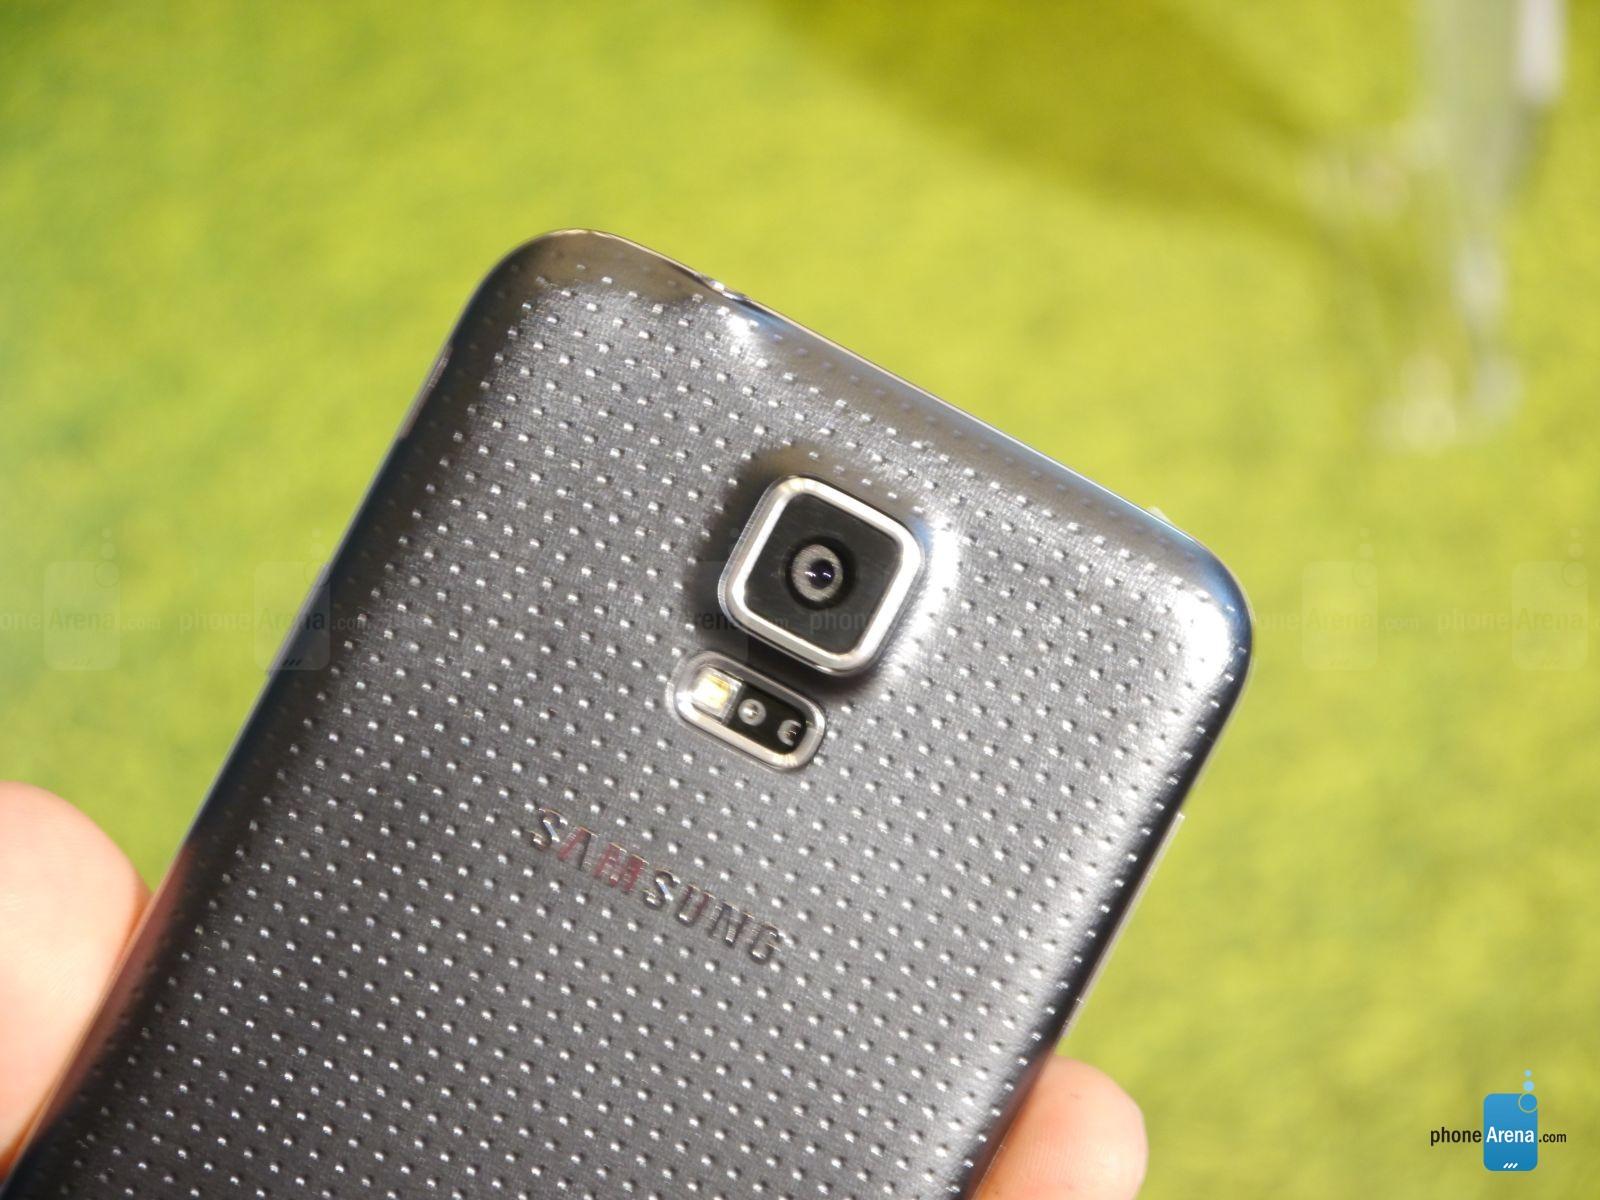 Trên tay Galaxy S5 - Siêu phẩm đến từ Samsung 9